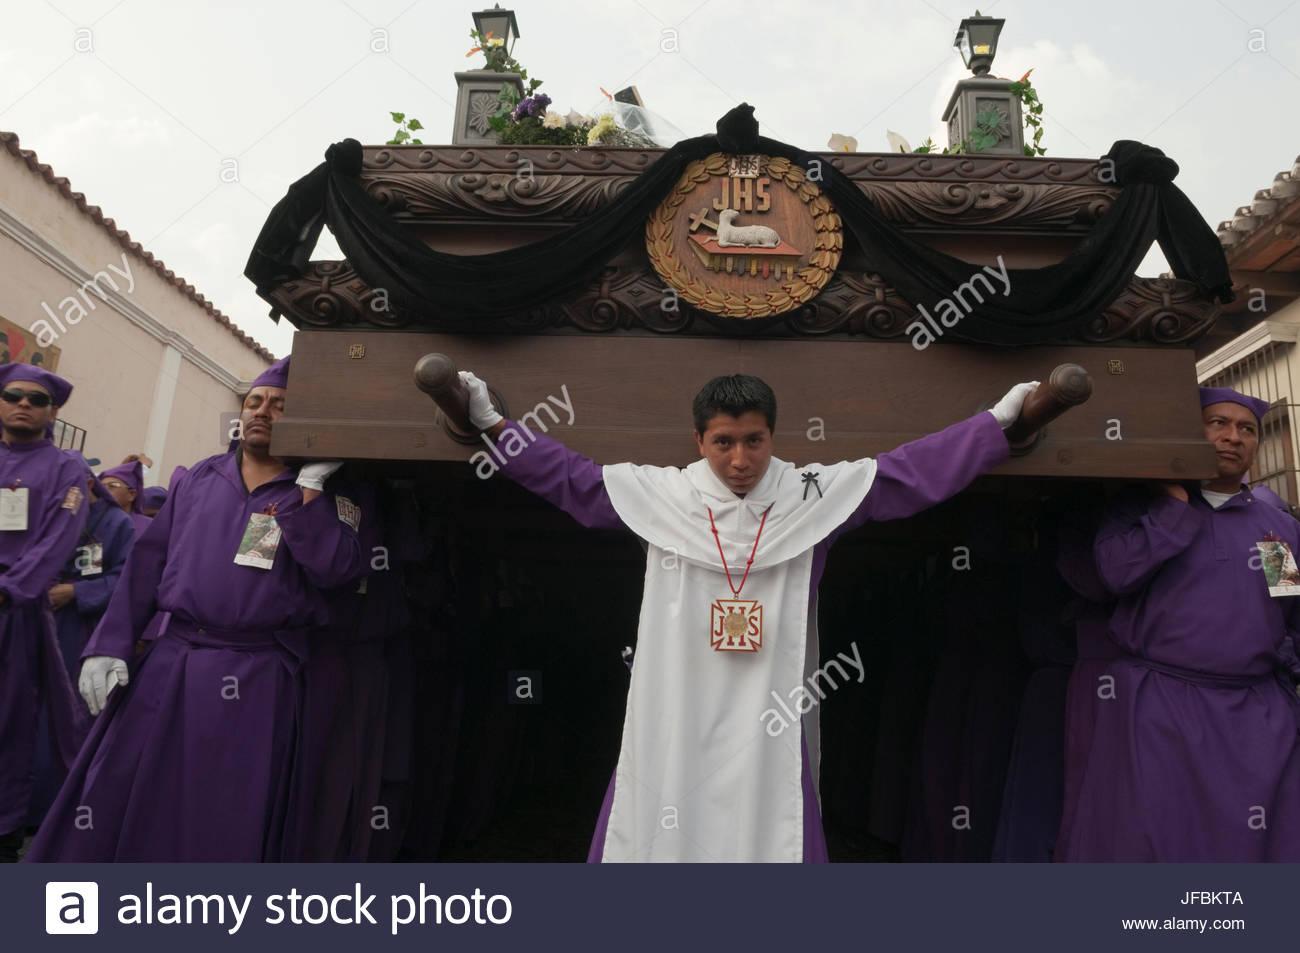 Una procesión de Semana Santa en las calles de Antigua. Foto de stock